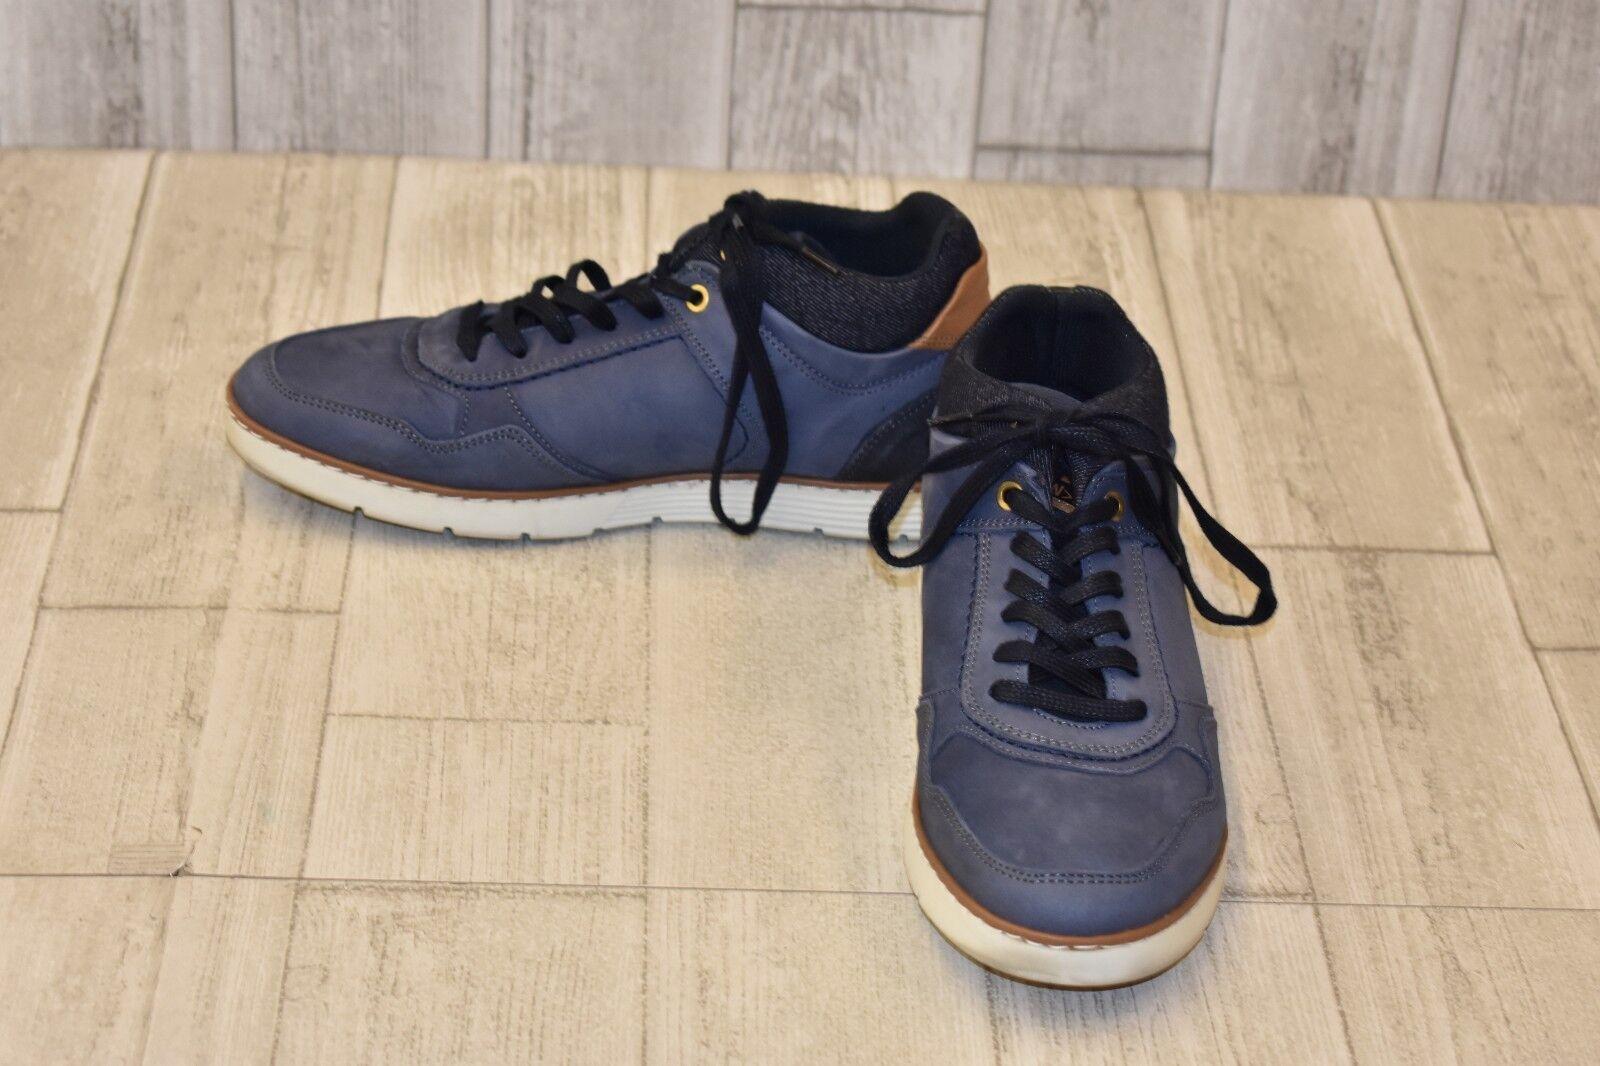 Steve Madden Baloo Low Top Sneaker - Men's Size 8, bluee